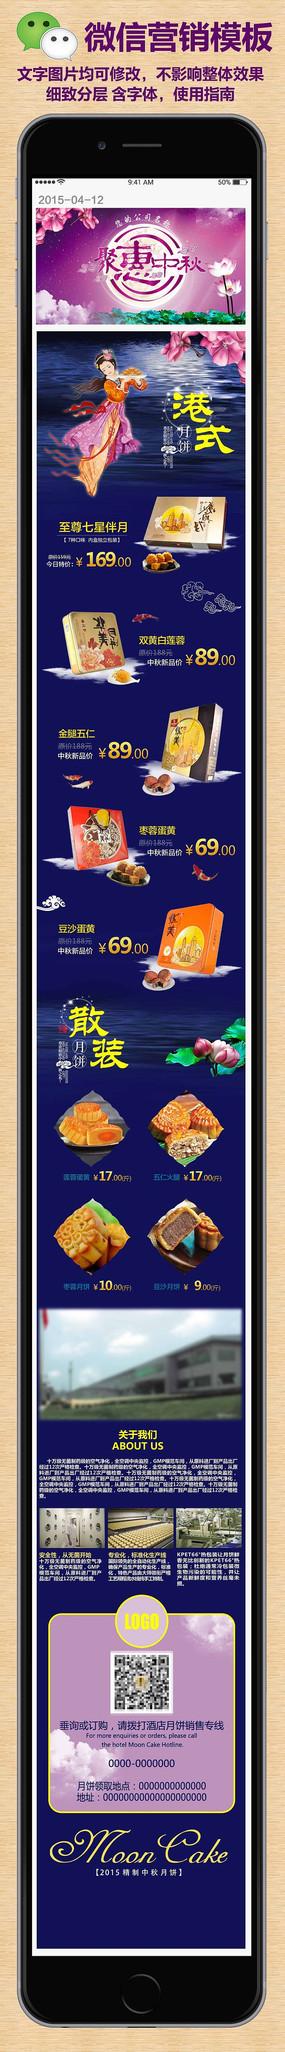 中秋促销微信图文信息模板